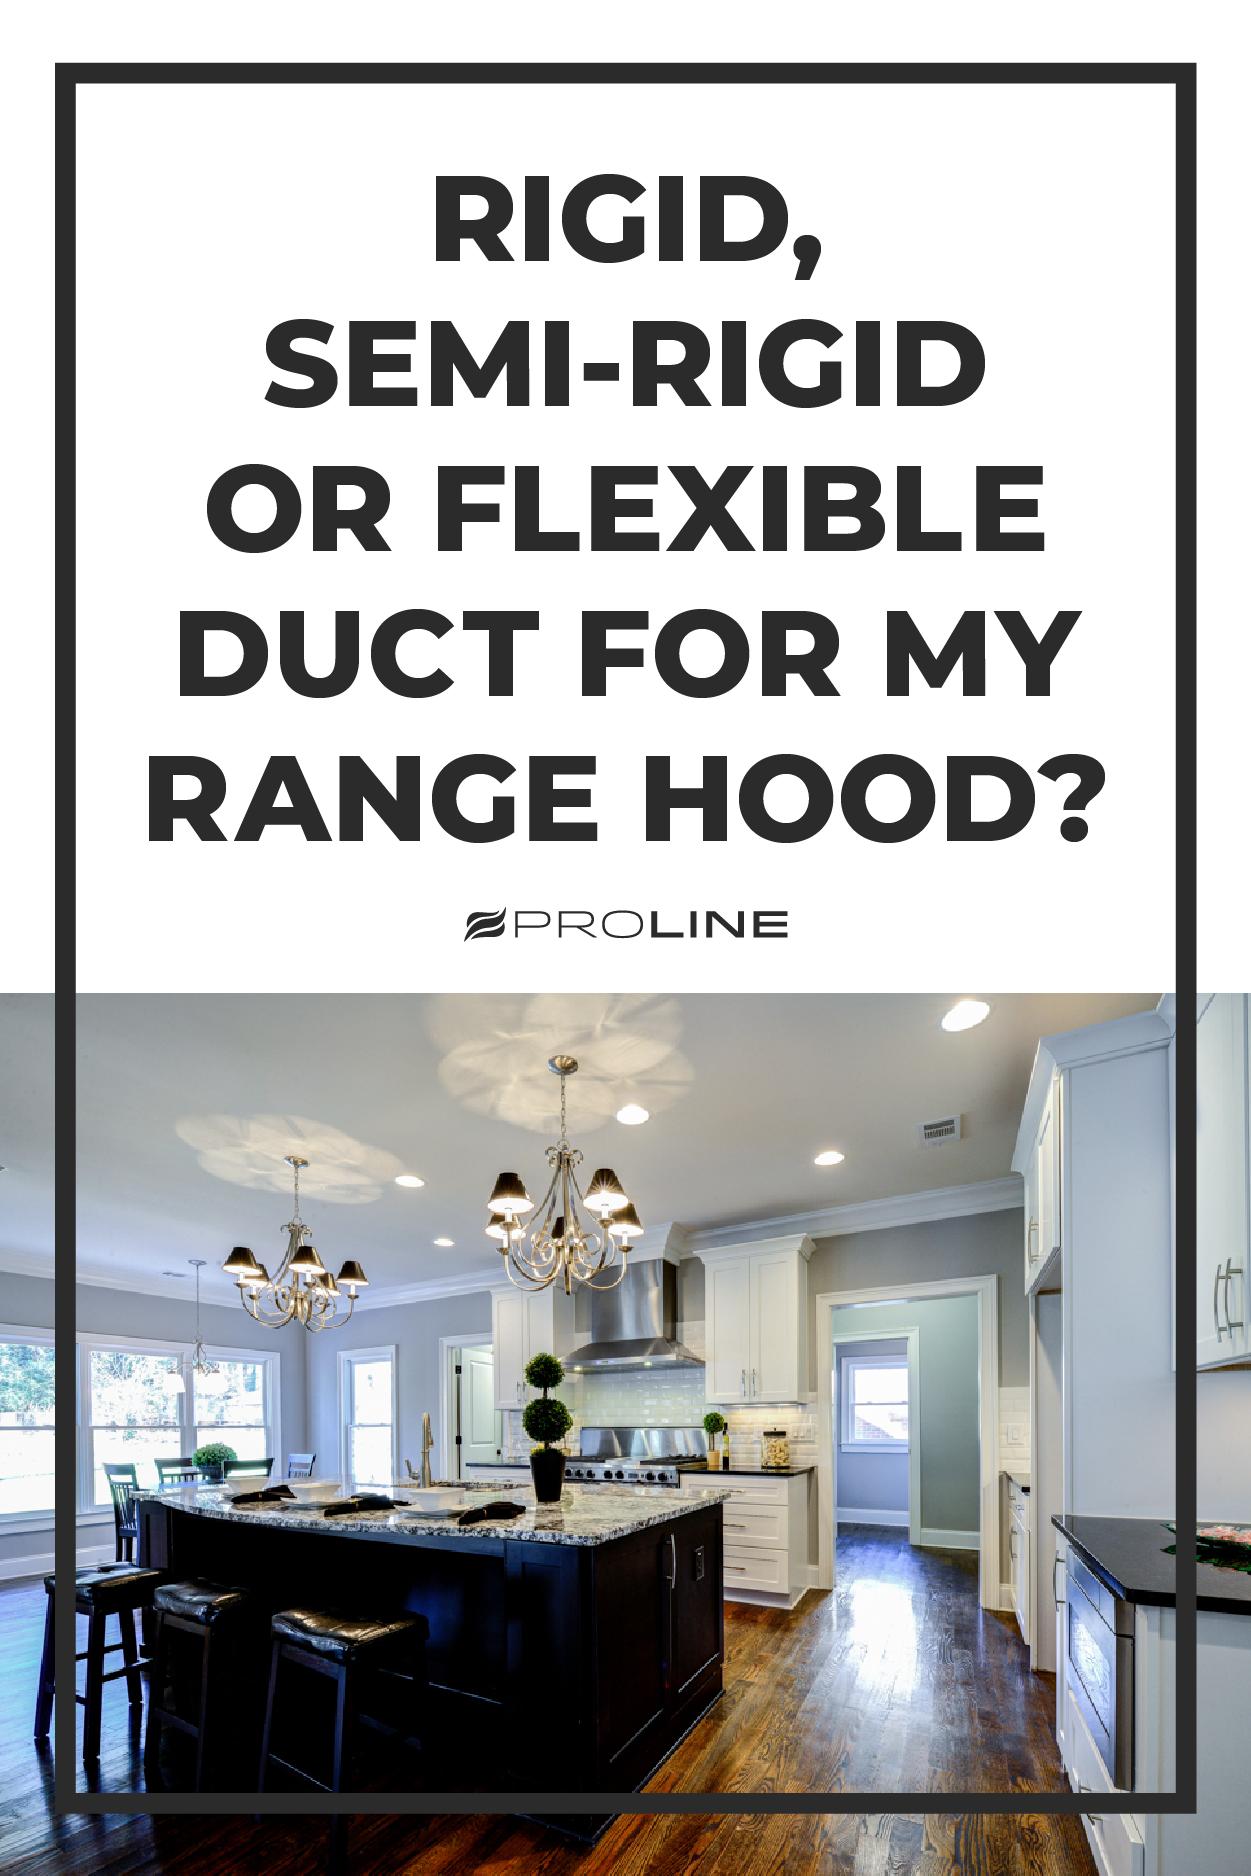 Best 600 Cfm Range Hoods And Buyer S Guide Range Hood Flexible Duct Kitchen Exhaust